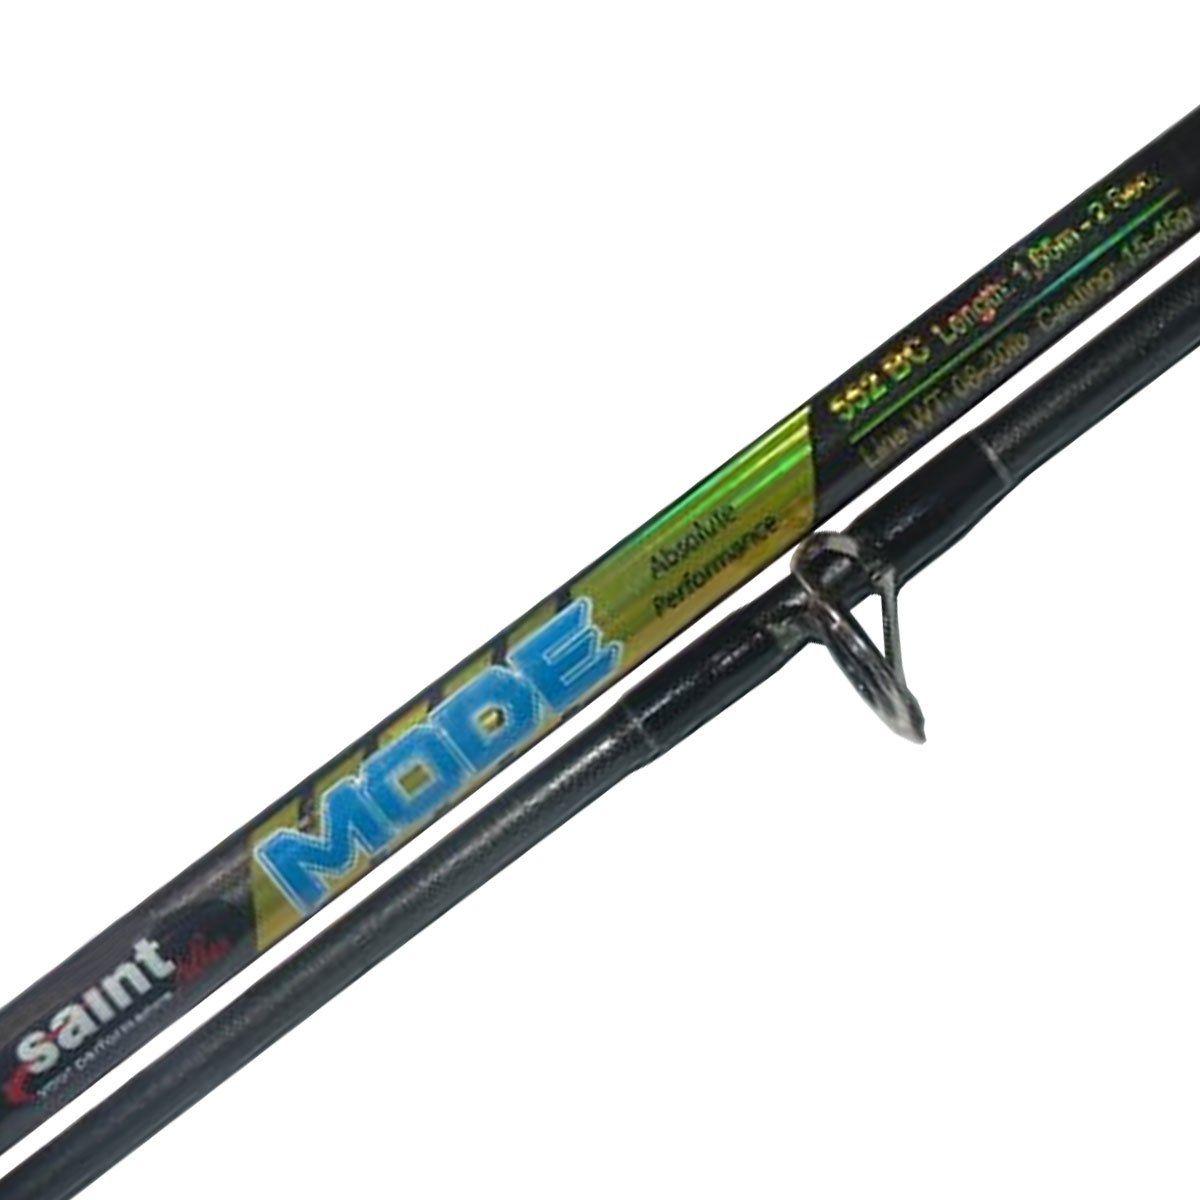 Vara Saint Mode 502-BC 1,50M Libragem 7-17LB